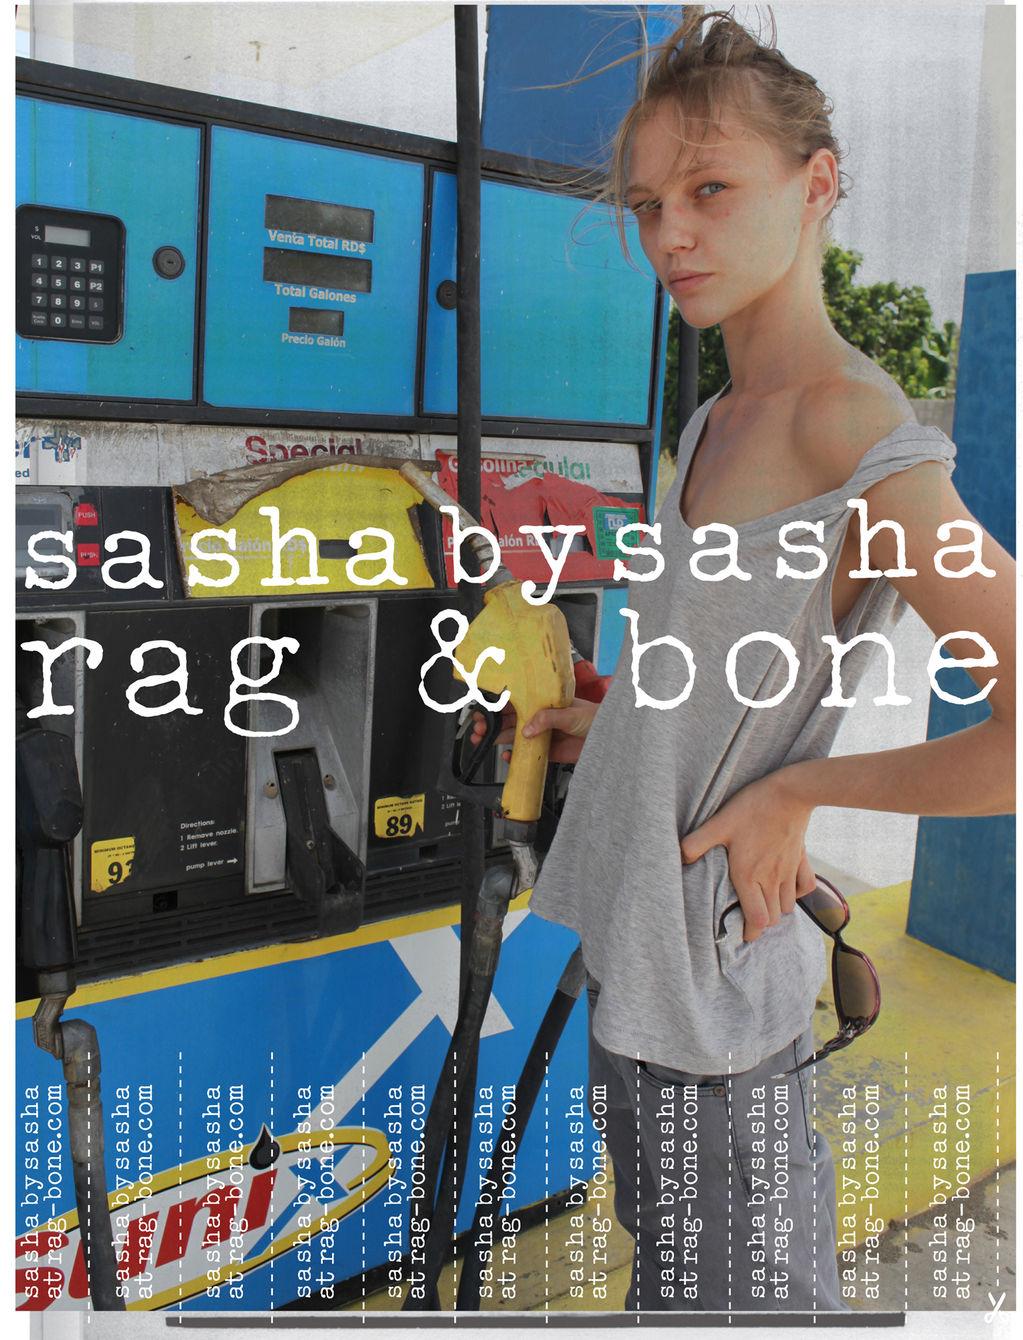 http://3.bp.blogspot.com/_UBS2foO8llk/TUPBb_JWhgI/AAAAAAAACps/rK_mF2s1Gkg/s1600/rag_bone_ss_2011_sasha_1.jpg